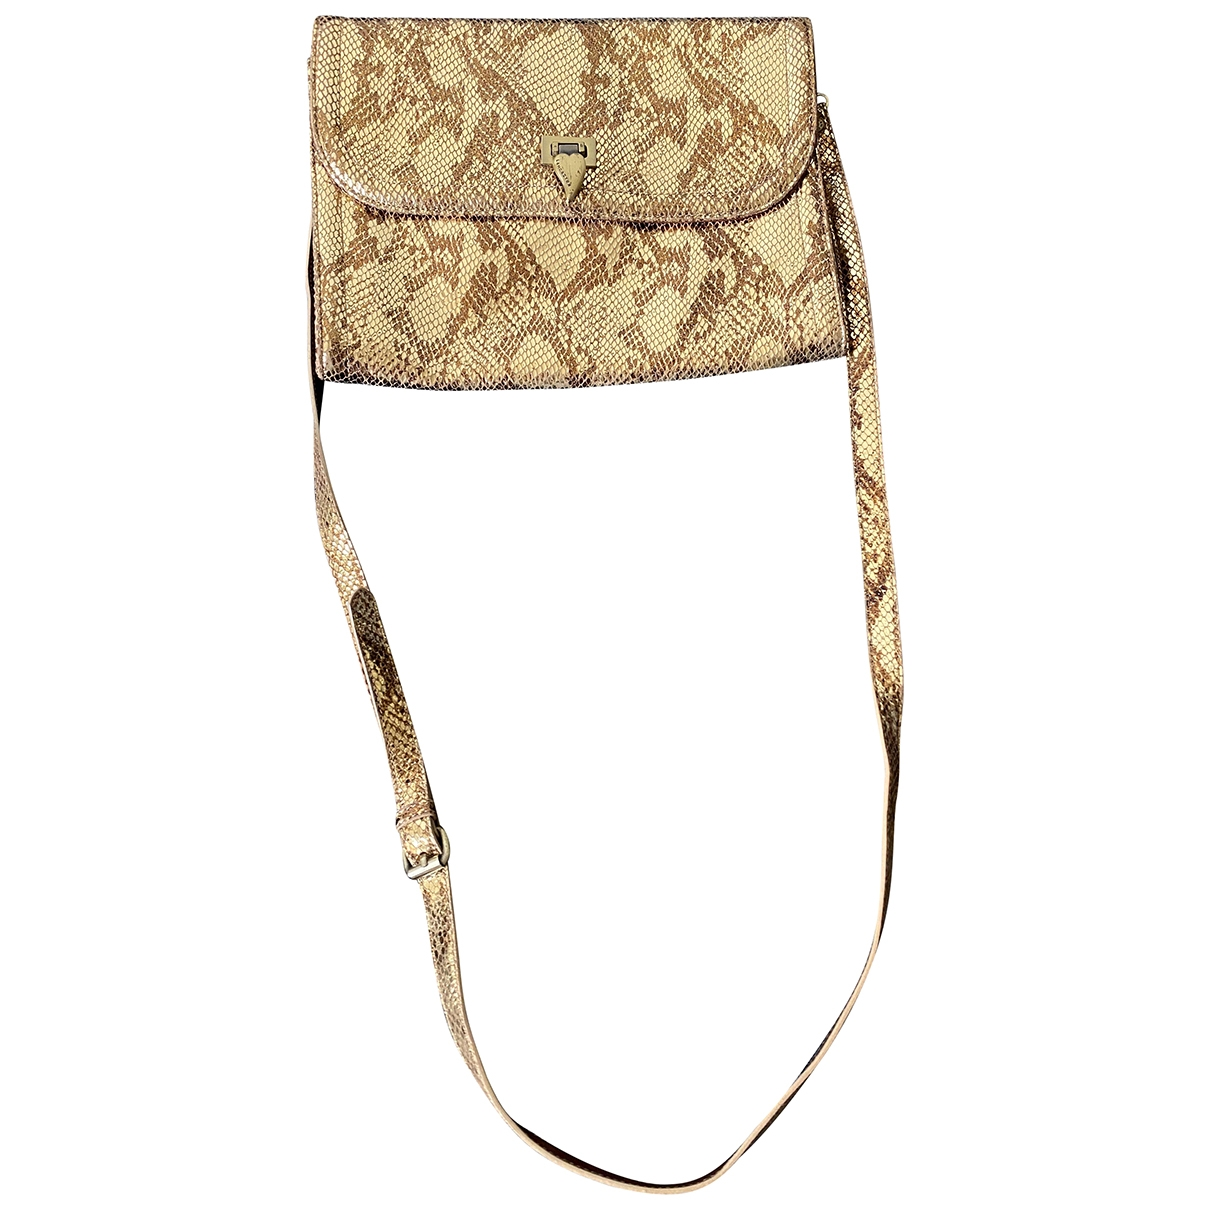 Lancaster \N Gold Leather handbag for Women \N